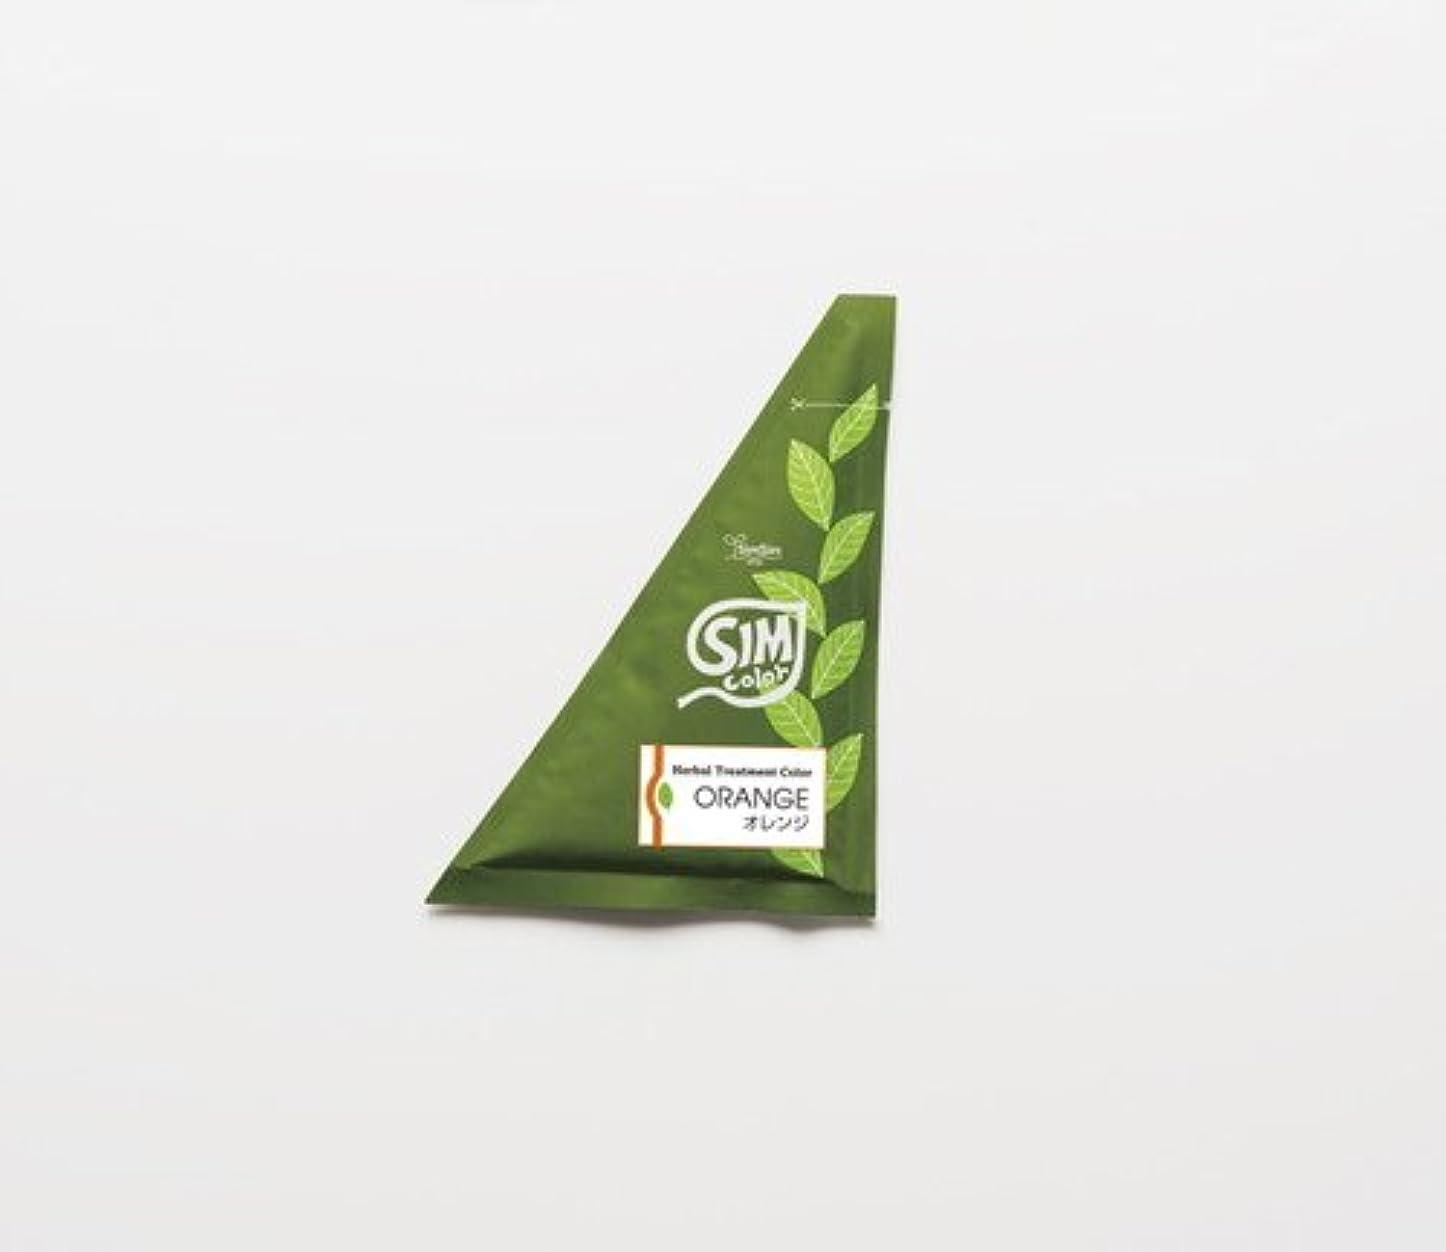 ルーフ火山学ご覧くださいSimSim(シムシム)お手軽簡単シムカラーエクストラ(EX)25g 2袋 オレンジ